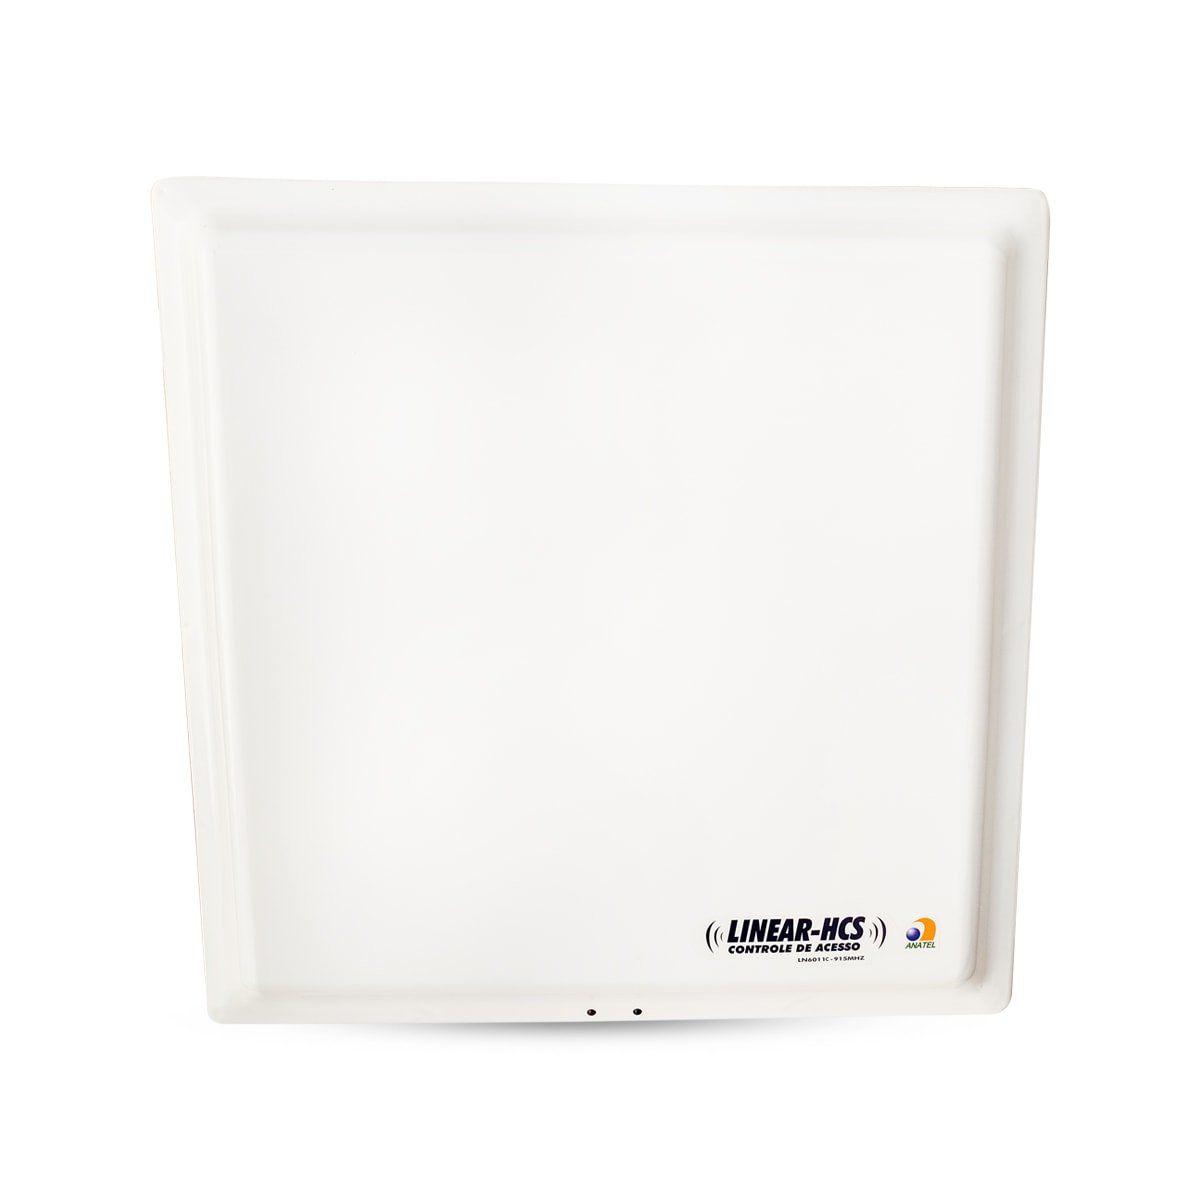 Leitor Linear Antena/Controladora de Sinais UHF 915 MHZ LN-6011C  - CFTV Clube   Brasil